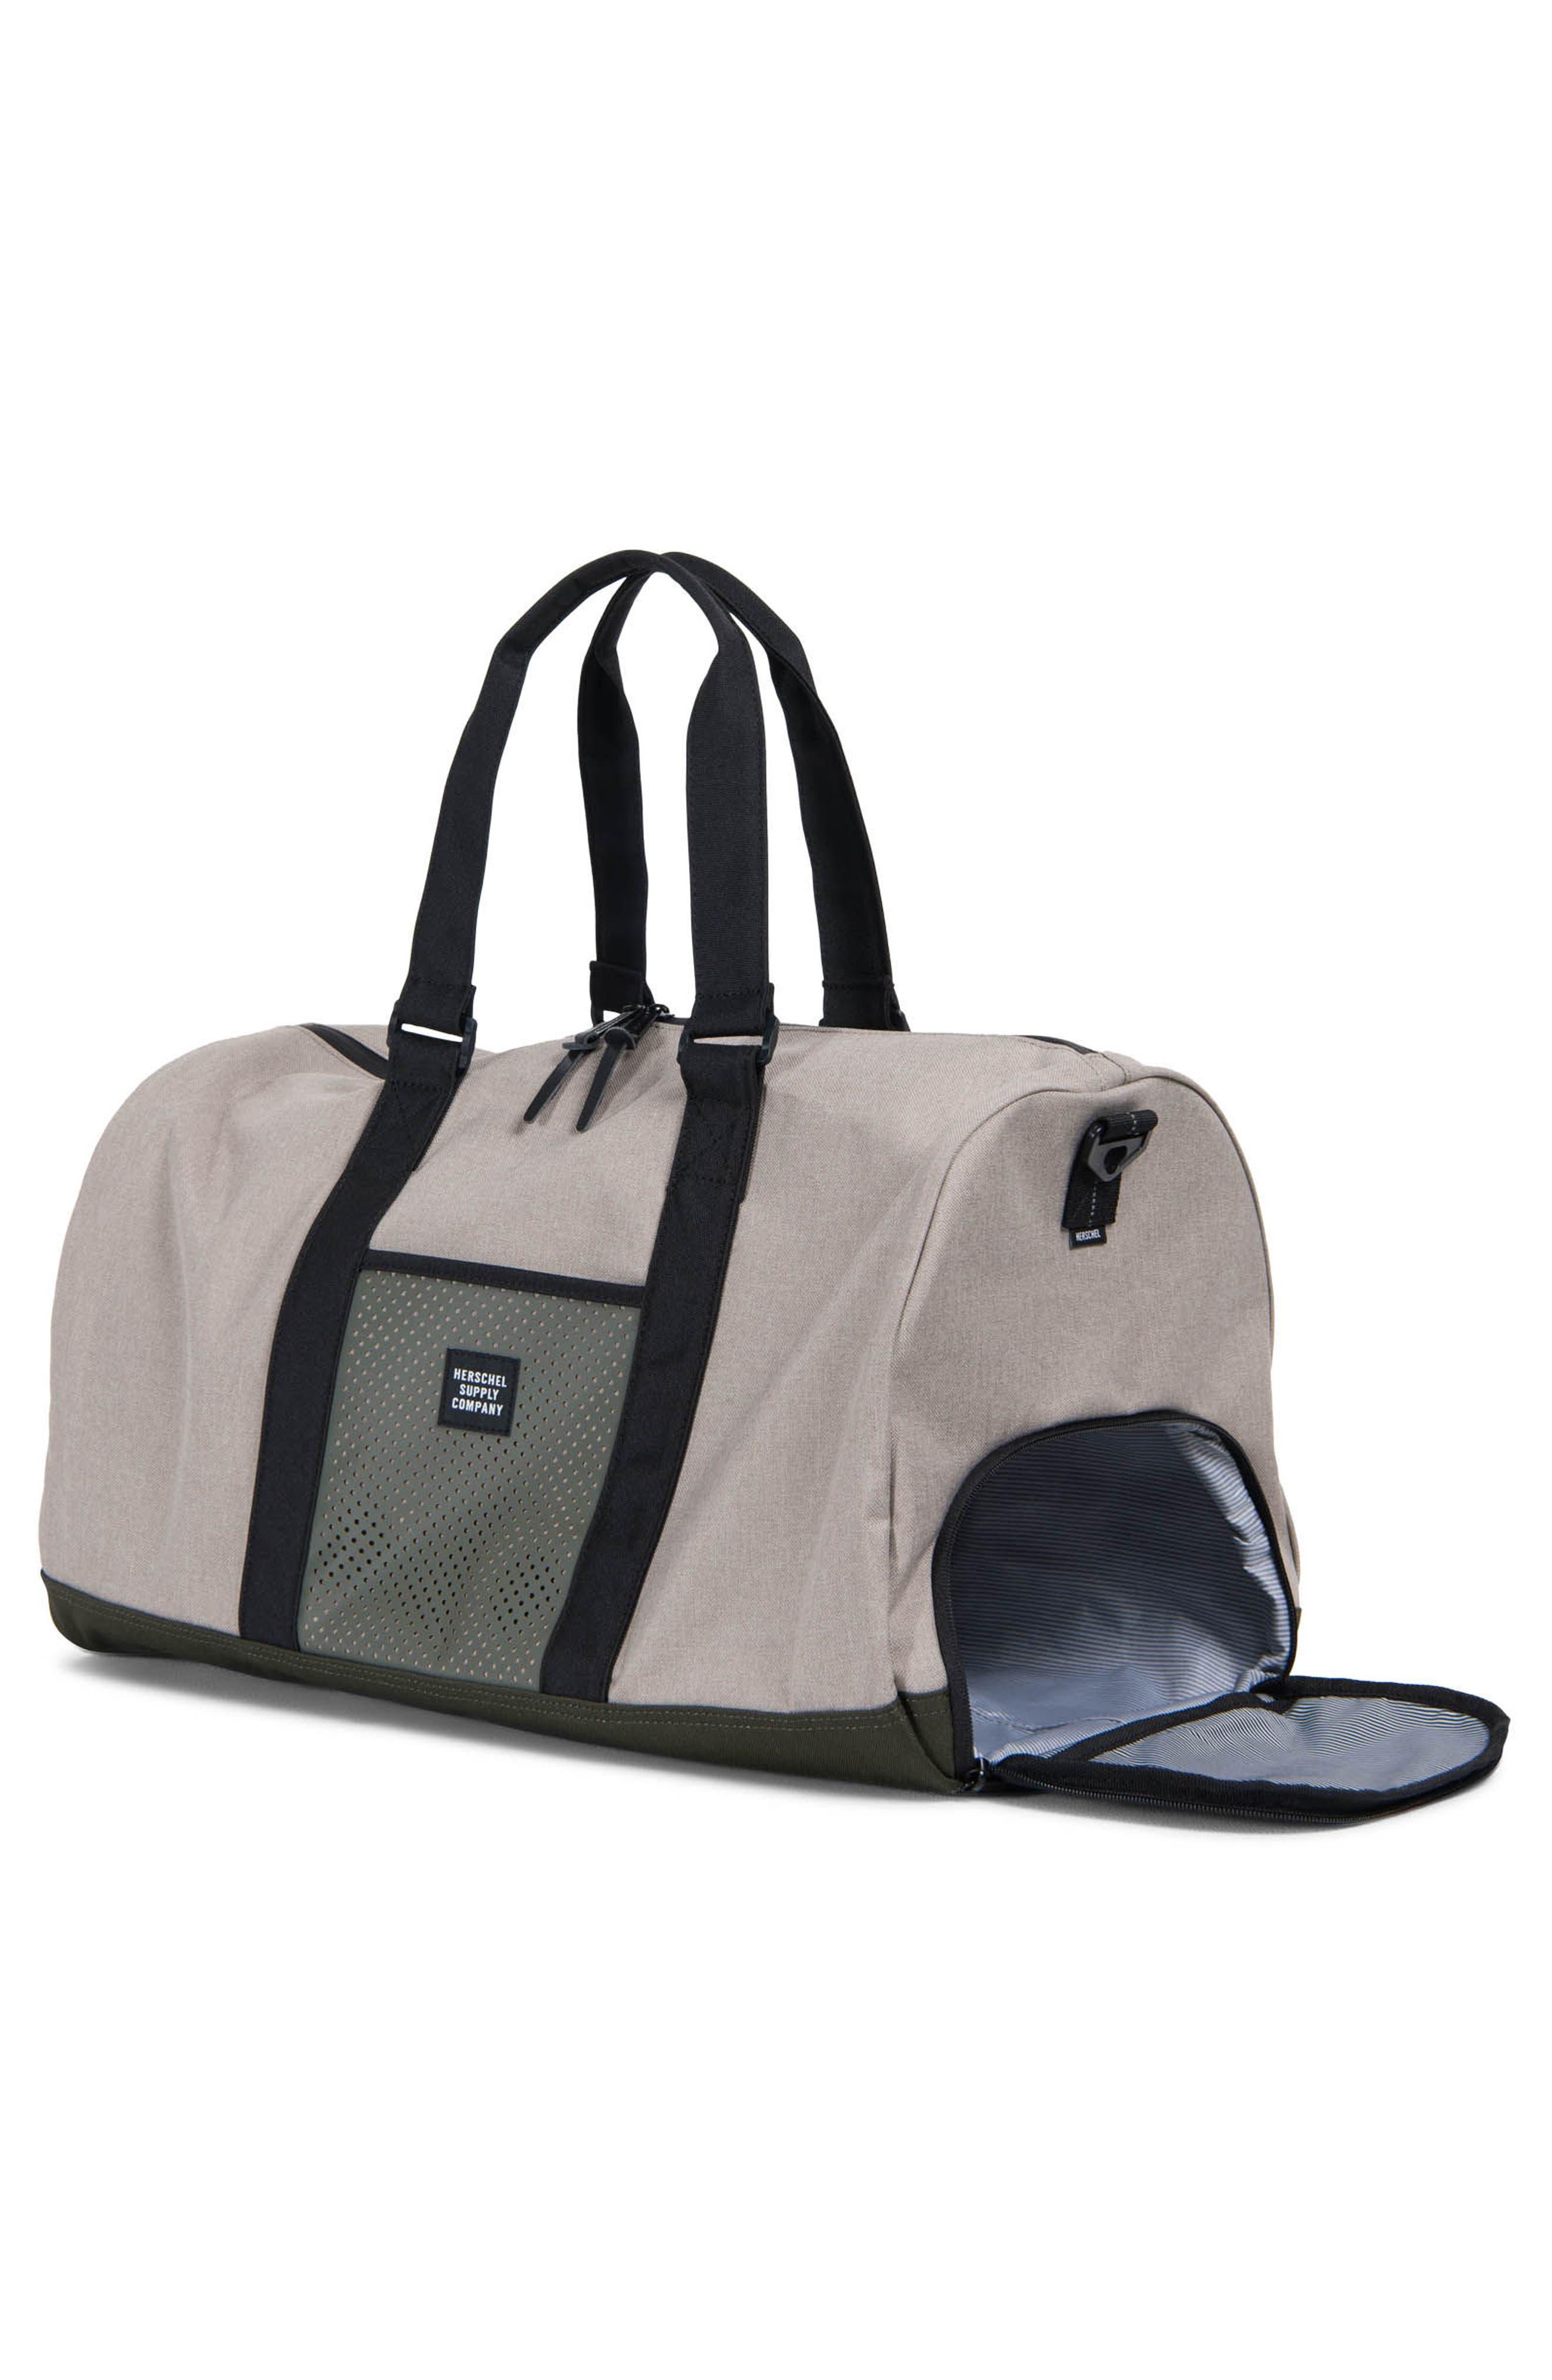 Alternate Image 2  - Herschel Supply Co. 'Novel - Aspect' Duffel Bag